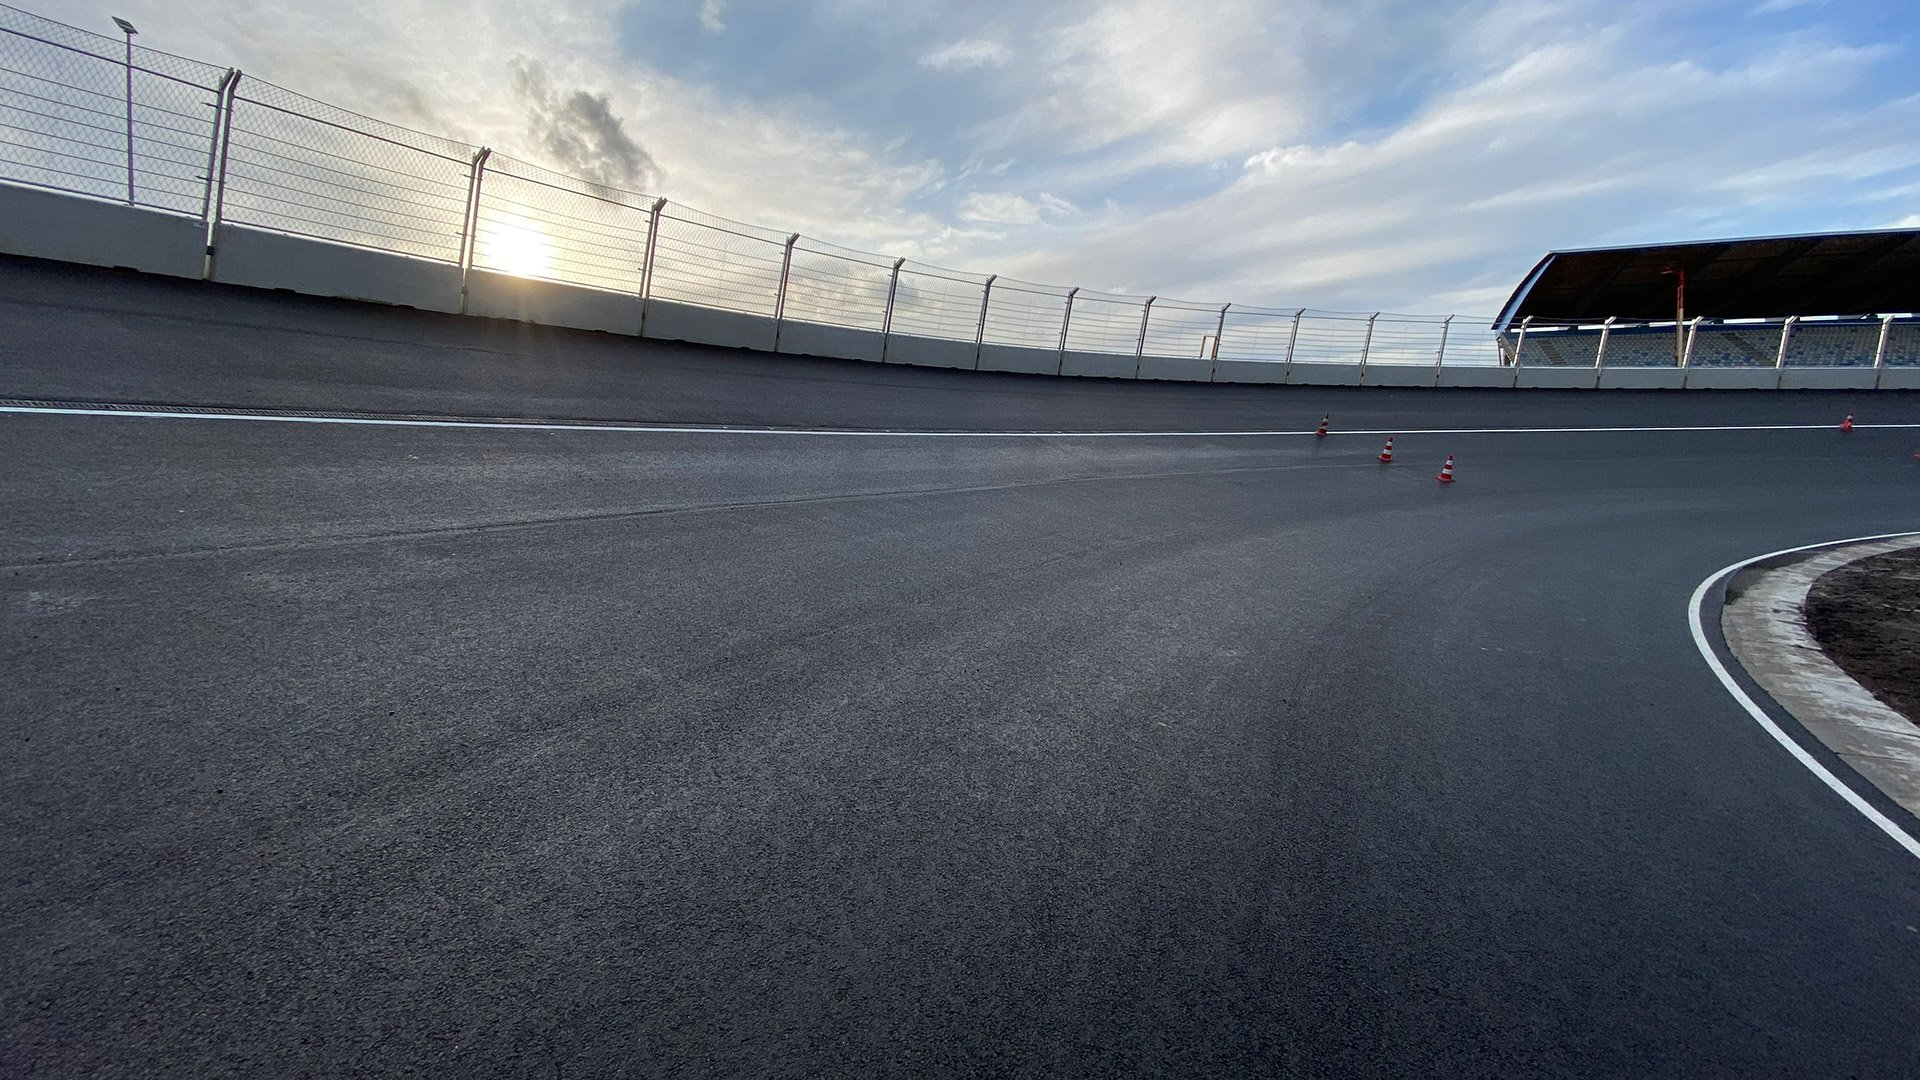 F1オランダGP ザントフォールト バンクコーナー 画像